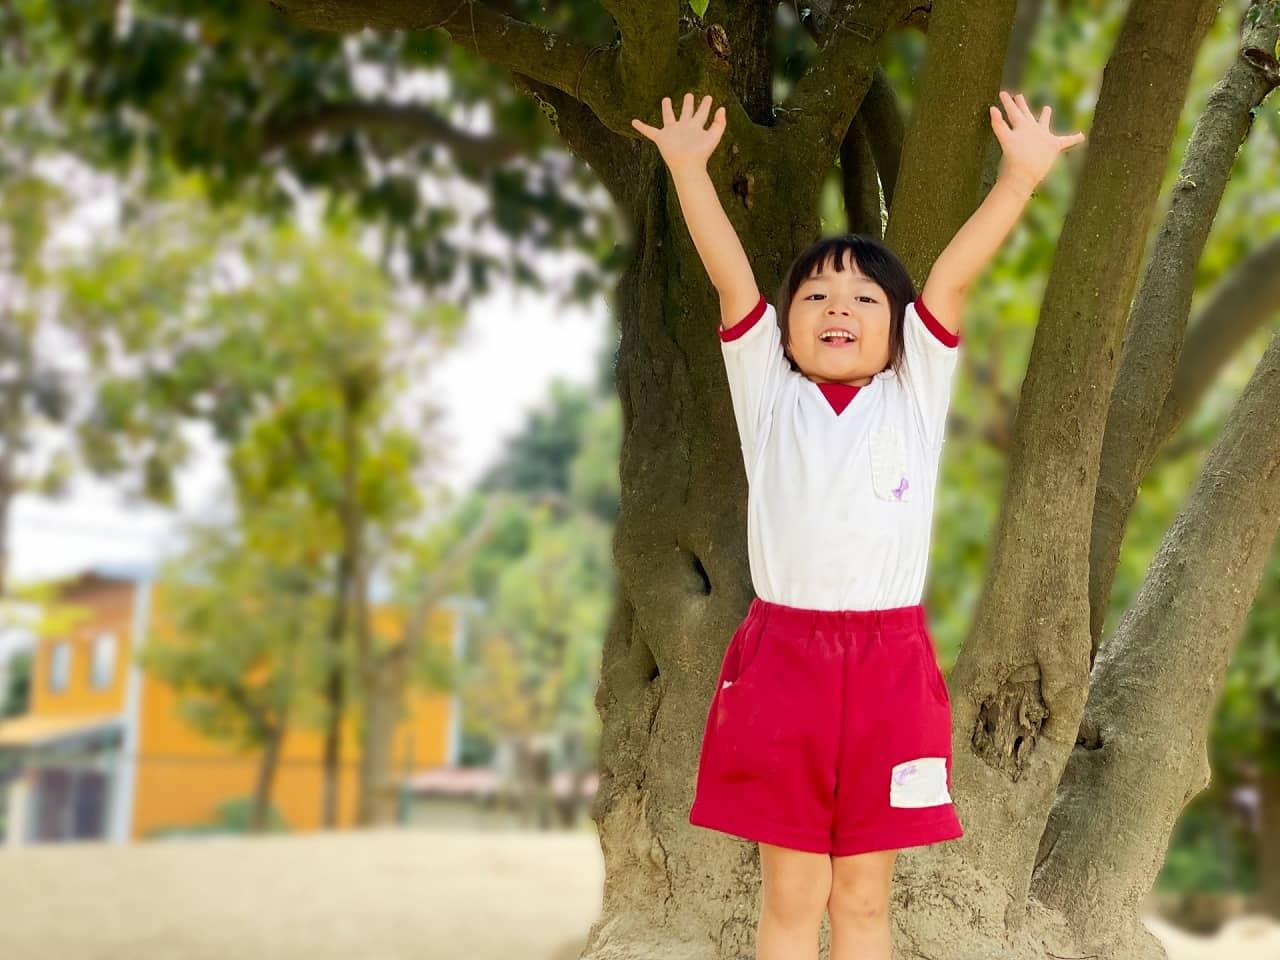 子供の体操教室は何歳から通える? 体操教室の種類やメリット、選び方のポイントを紹介